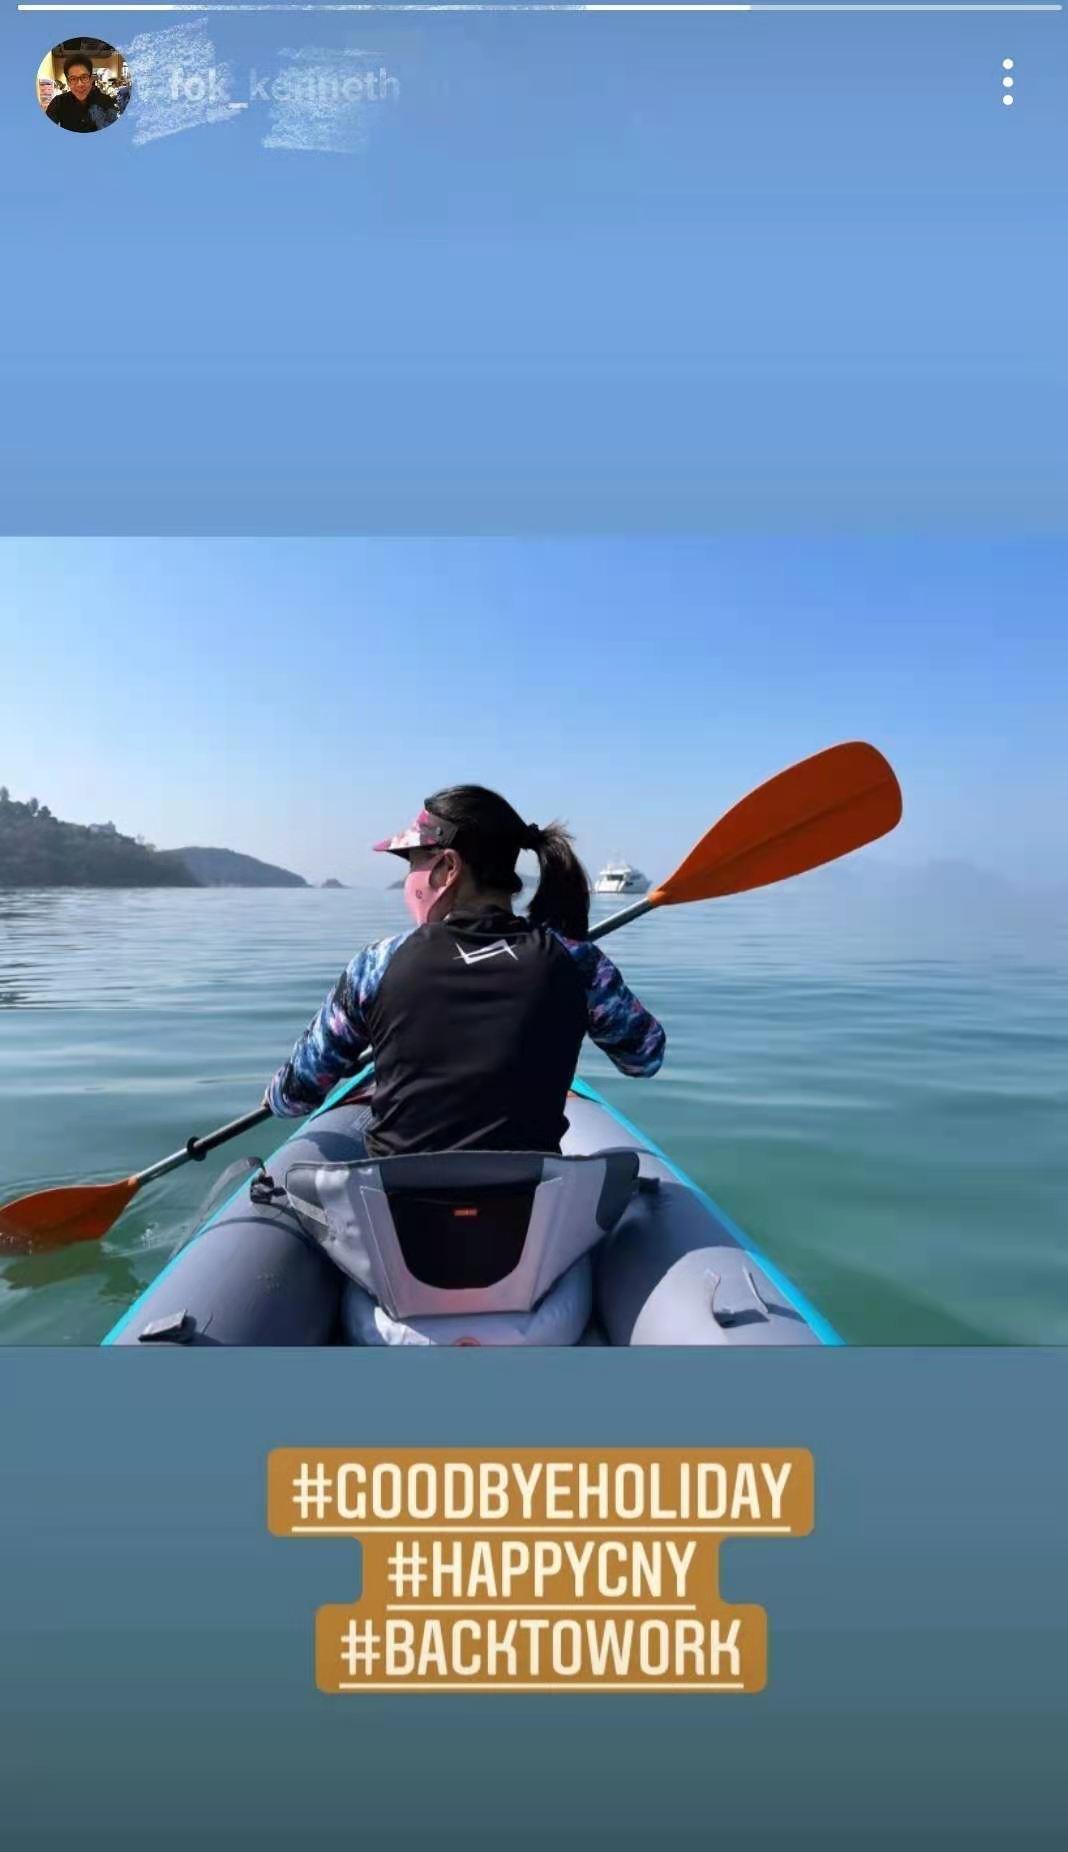 霍啟剛和老婆乘皮划艇約會,郭晶晶生仨娃愛鍛煉,背部肌肉明顯